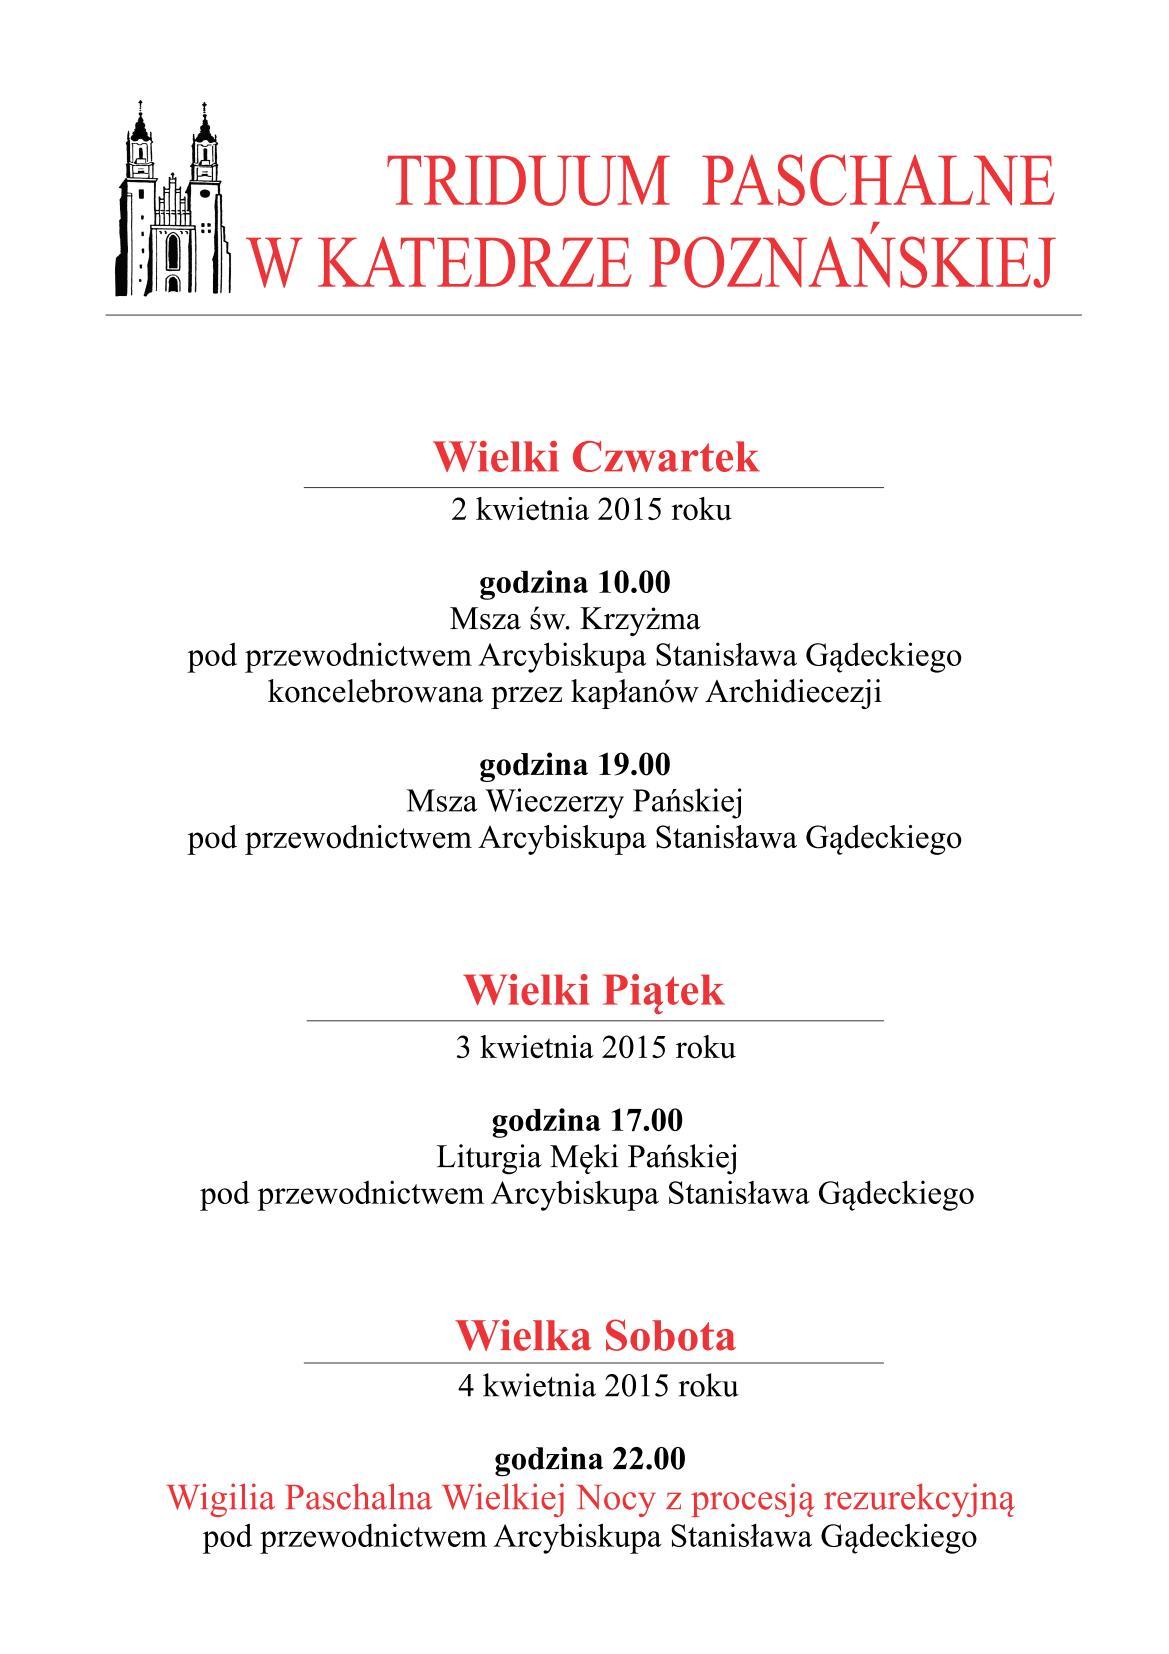 Ogl�dasz obraz z artyku�u: Triduum Paschalne w Katedrze Pozna�skiej 2015